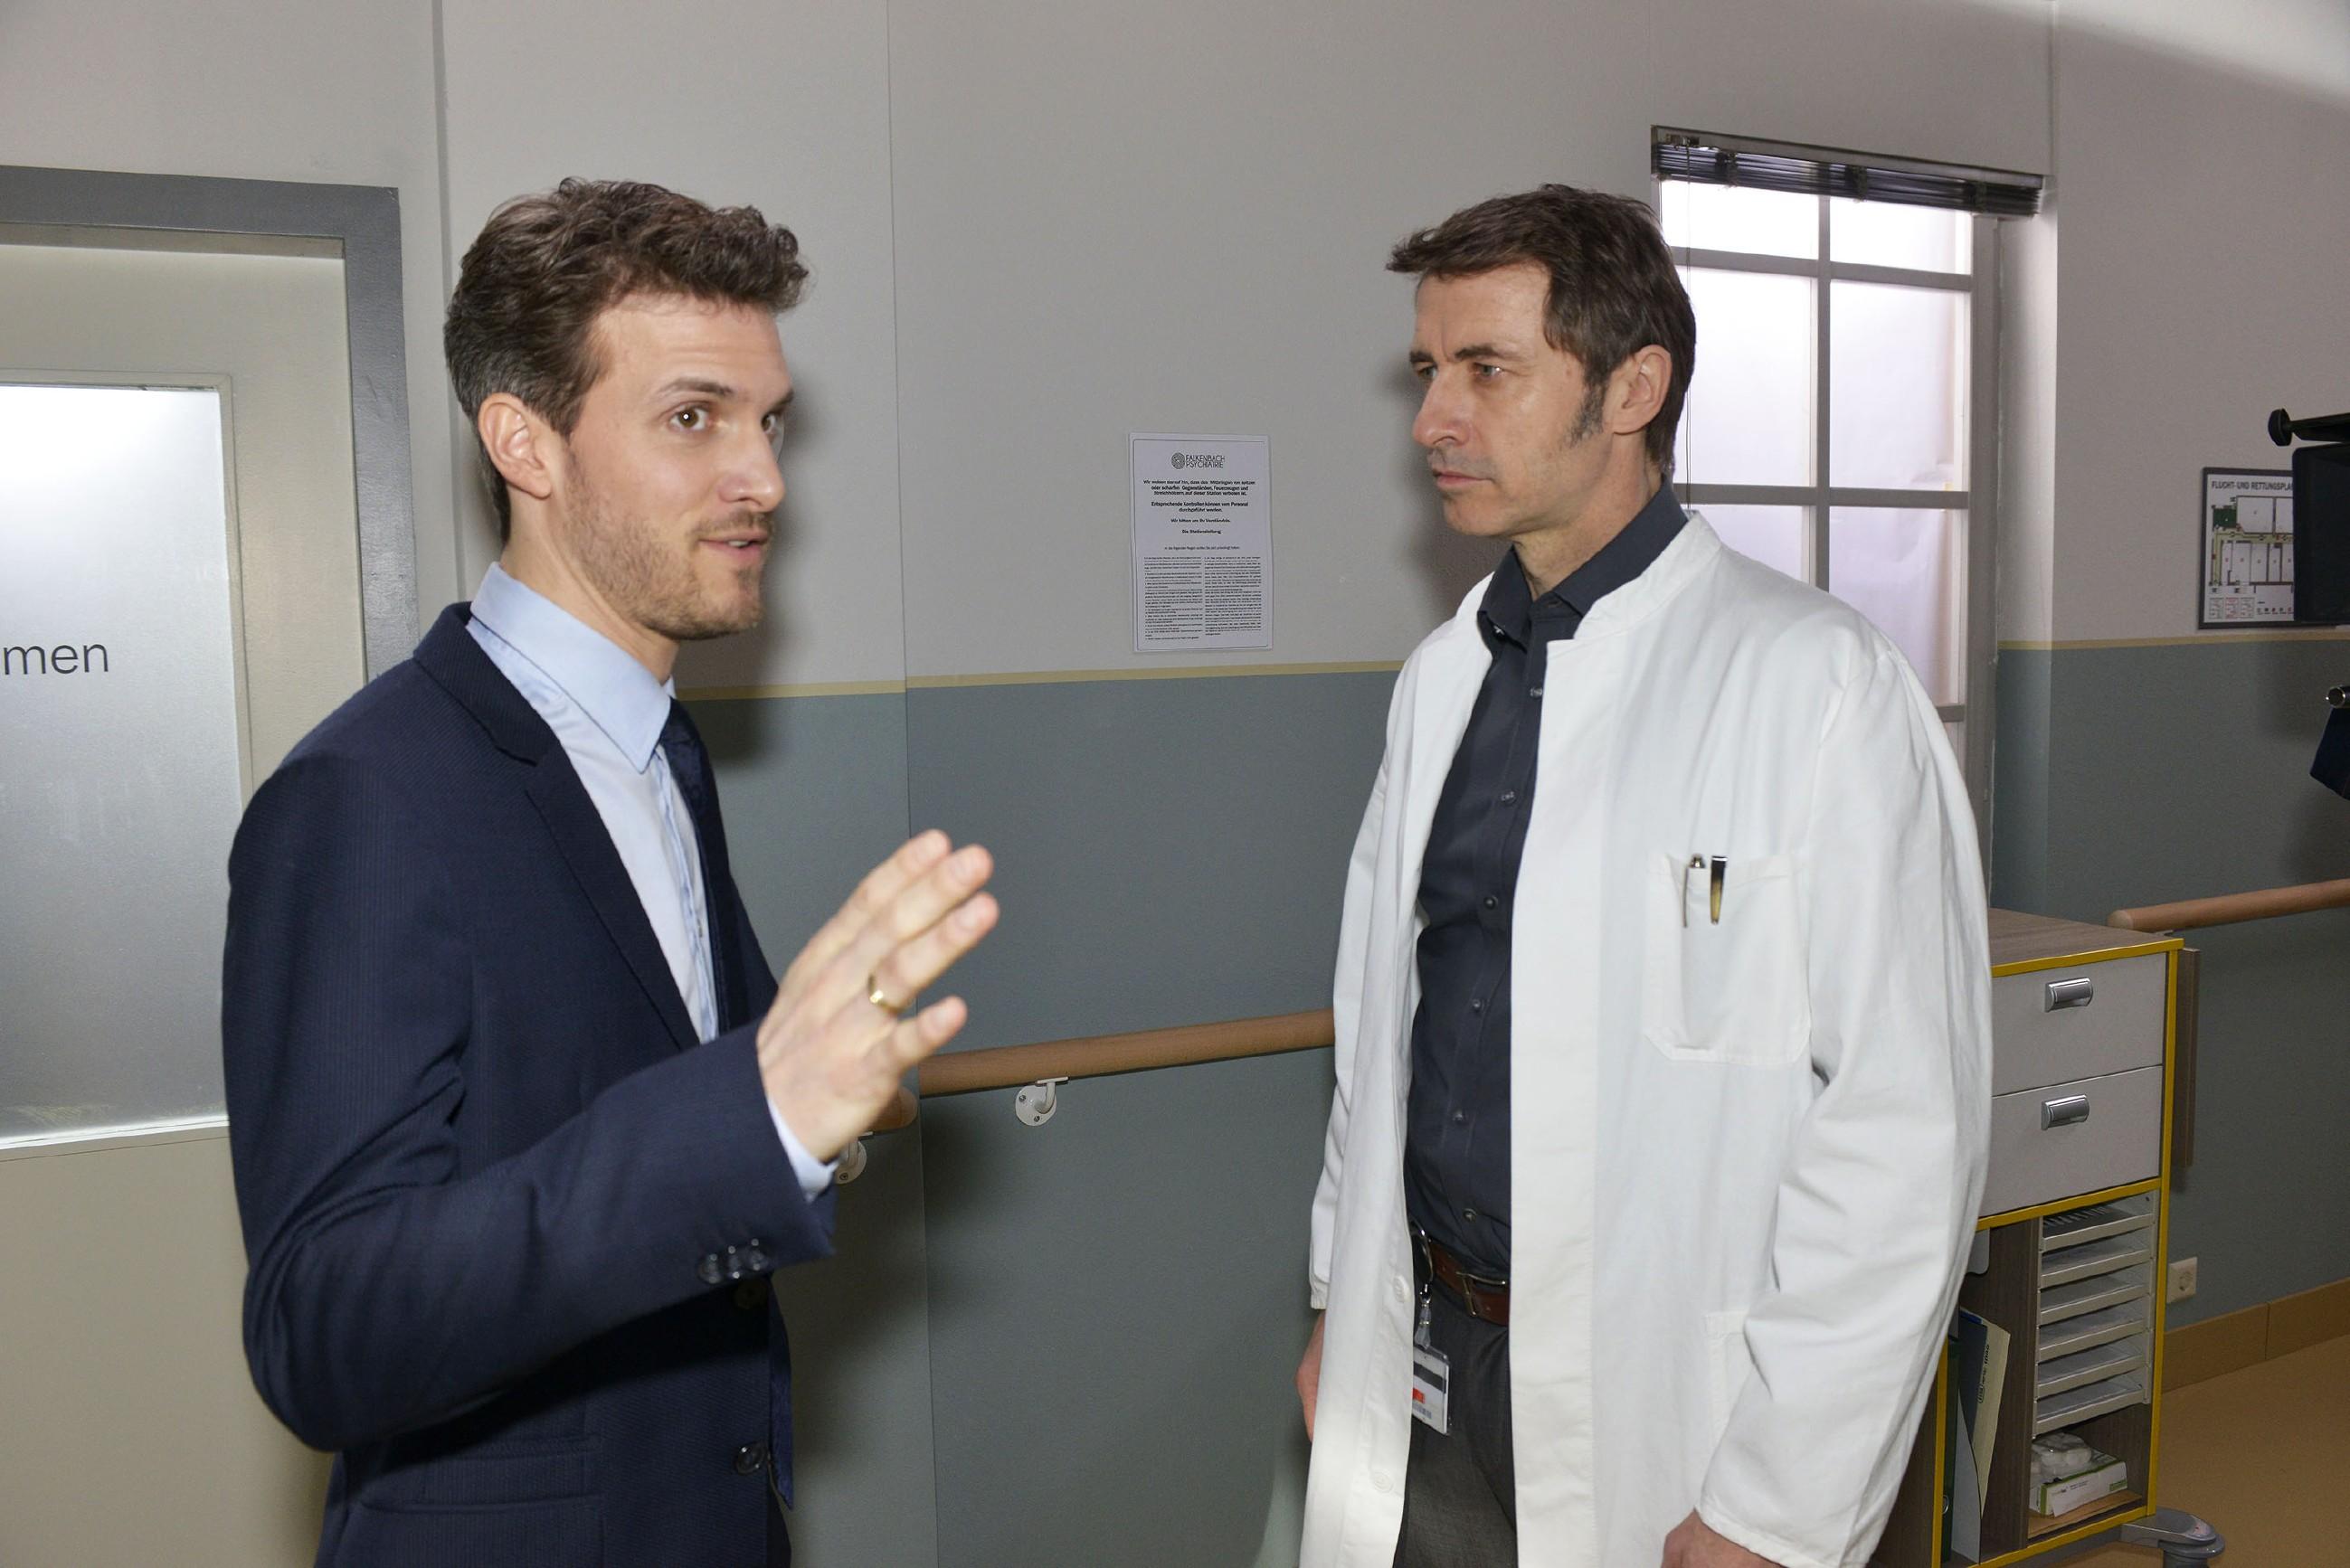 Felix (Thaddäus Meilinger, l.) versucht das Vertrauen von Dr. Martin Wolf (Guido Broscheit) zu gewinnen, um seinen Plan bezüglich Chris umzusetzen. (Quelle: RTL / Rolf Baumgartner)